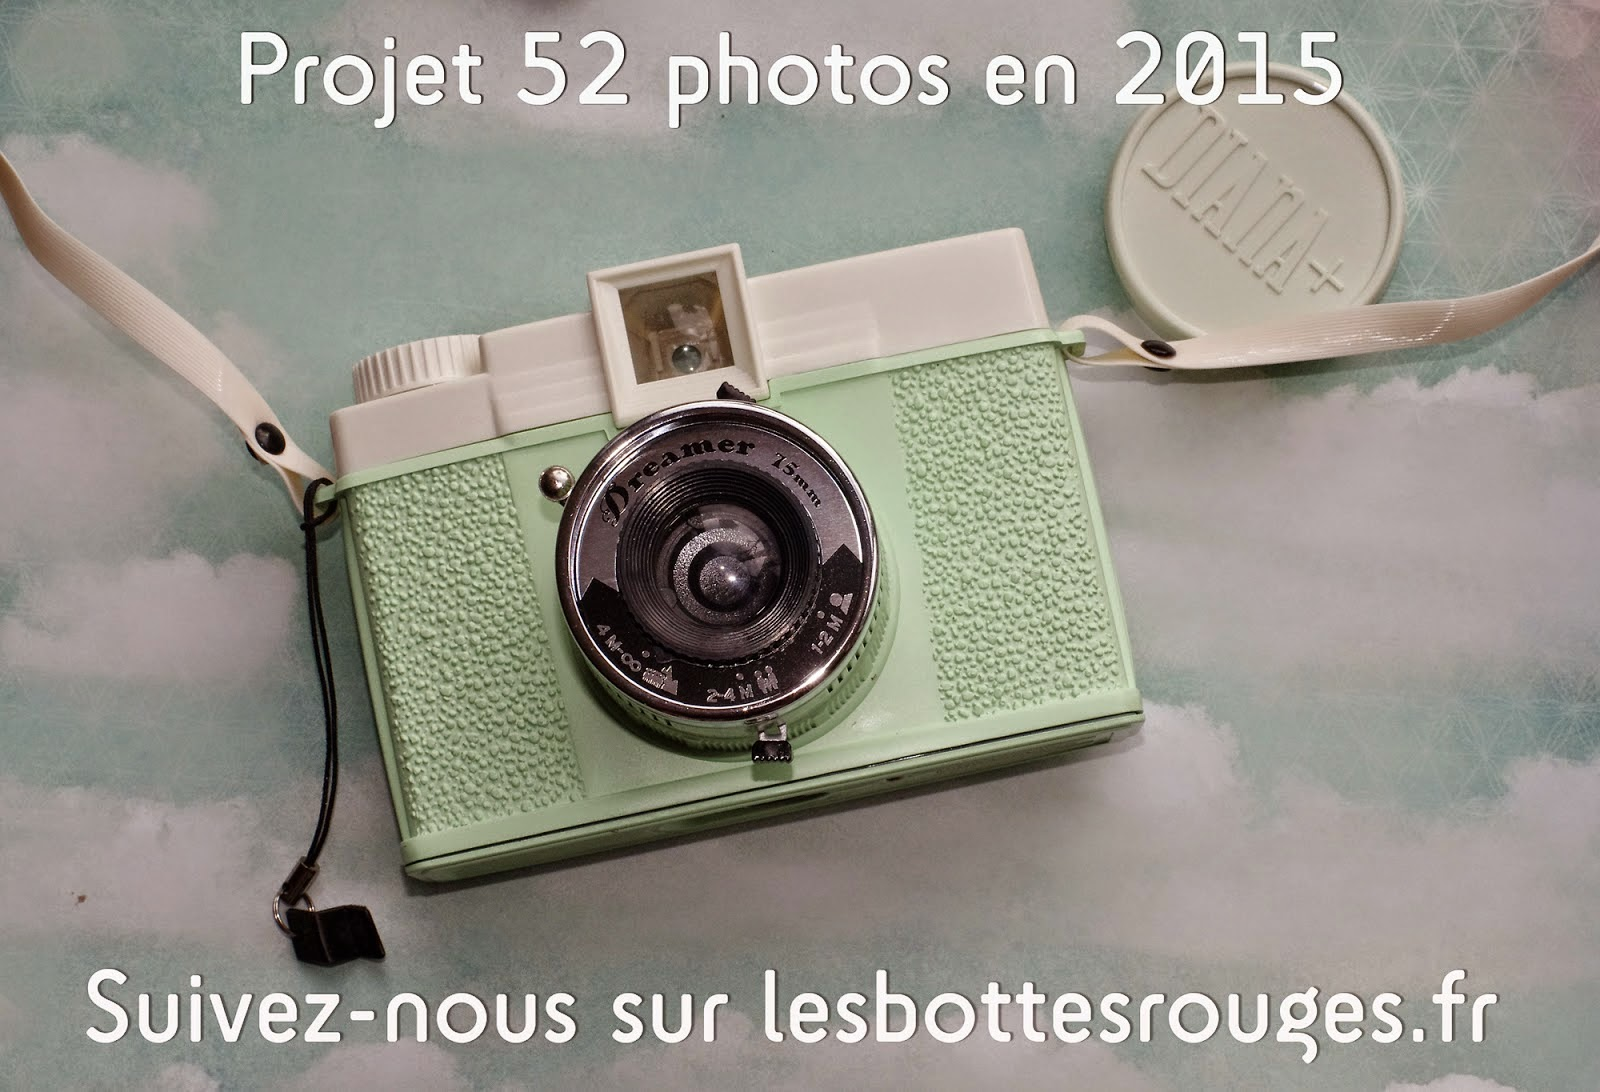 Projet 52 photos en 2015